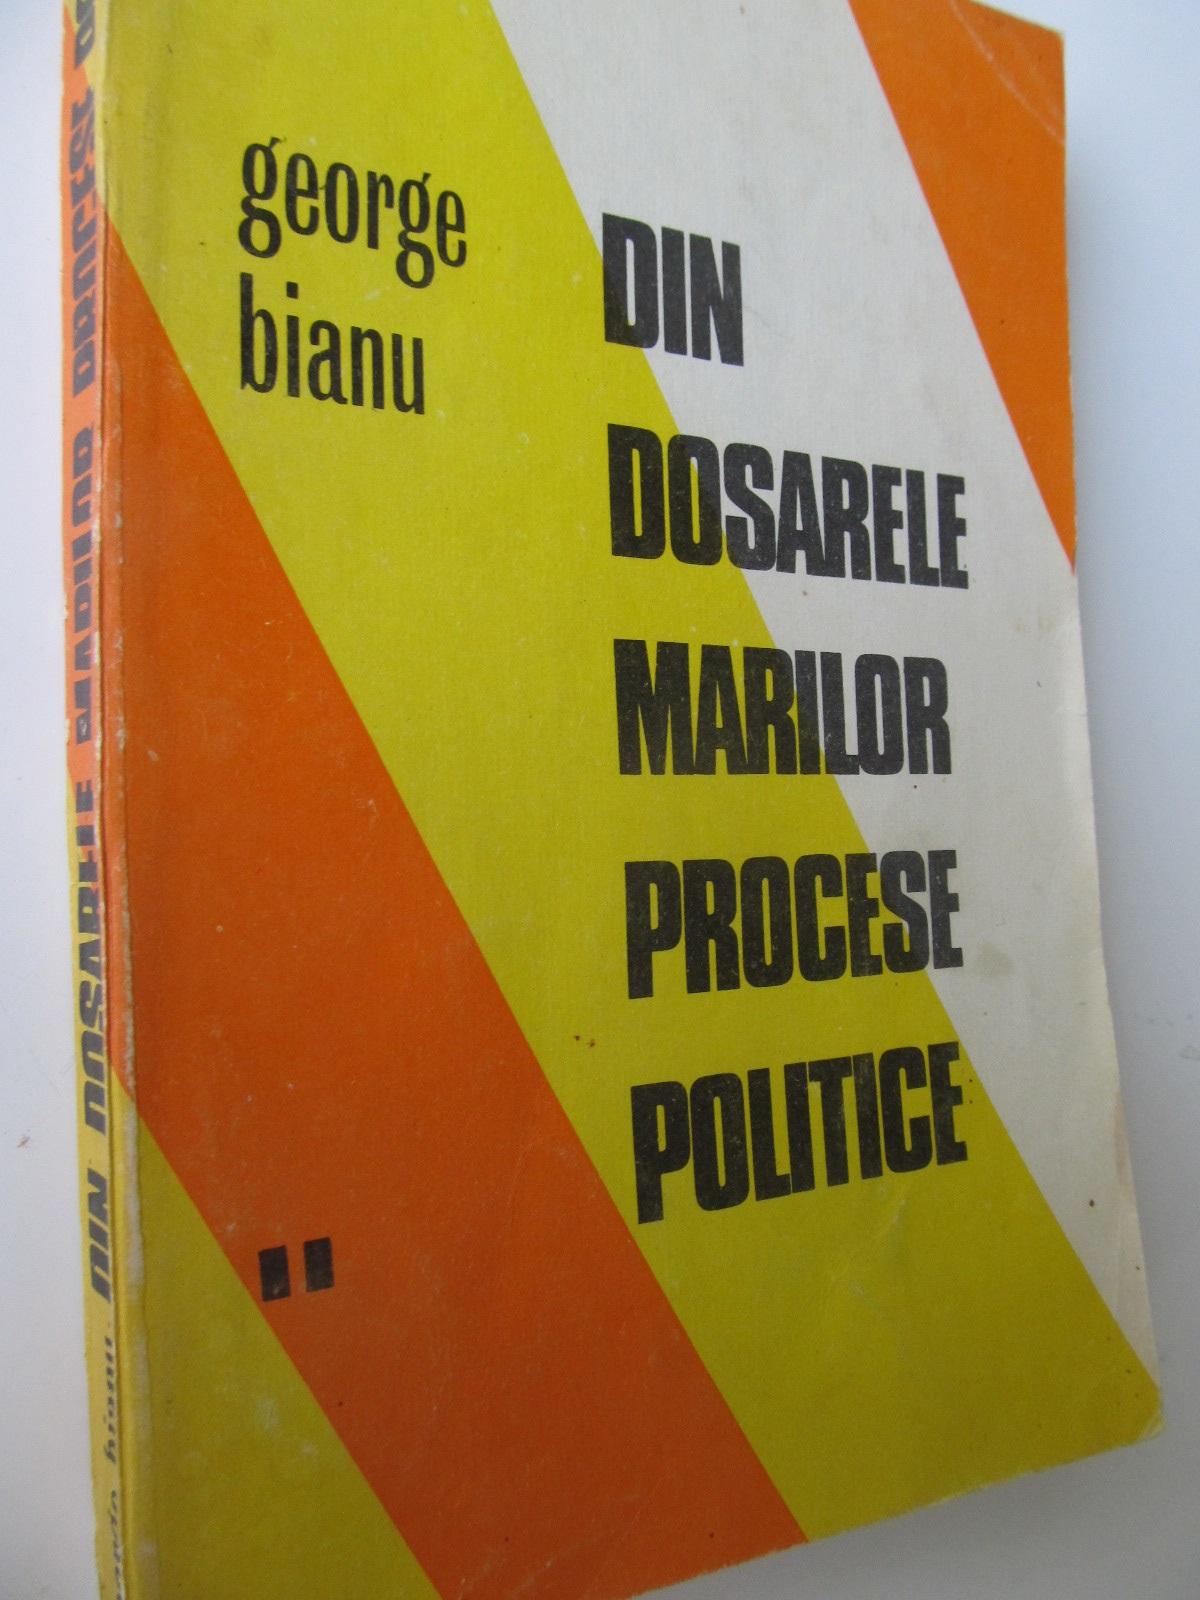 Din dosarele marilor procese politice (vol. 2) - George Bianu | Detalii carte